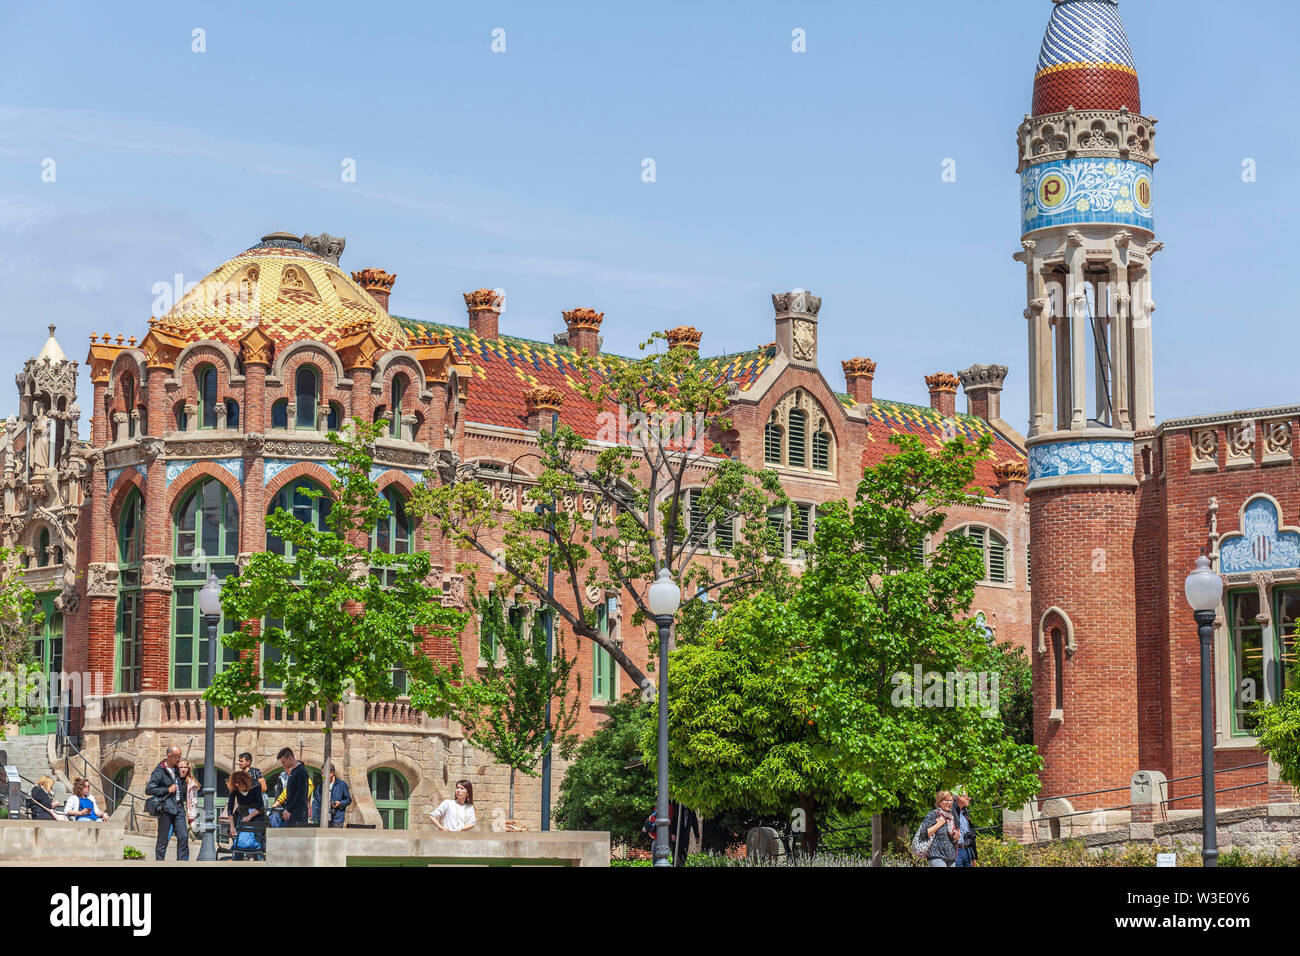 BARCELONA,SPAIN-APRIL 25,2019: Modernist style complex, Hospital de Sant Pau i de la Santa Creu, designed by Lluis Domenech i Montaner. UNESCO world h - Stock Image